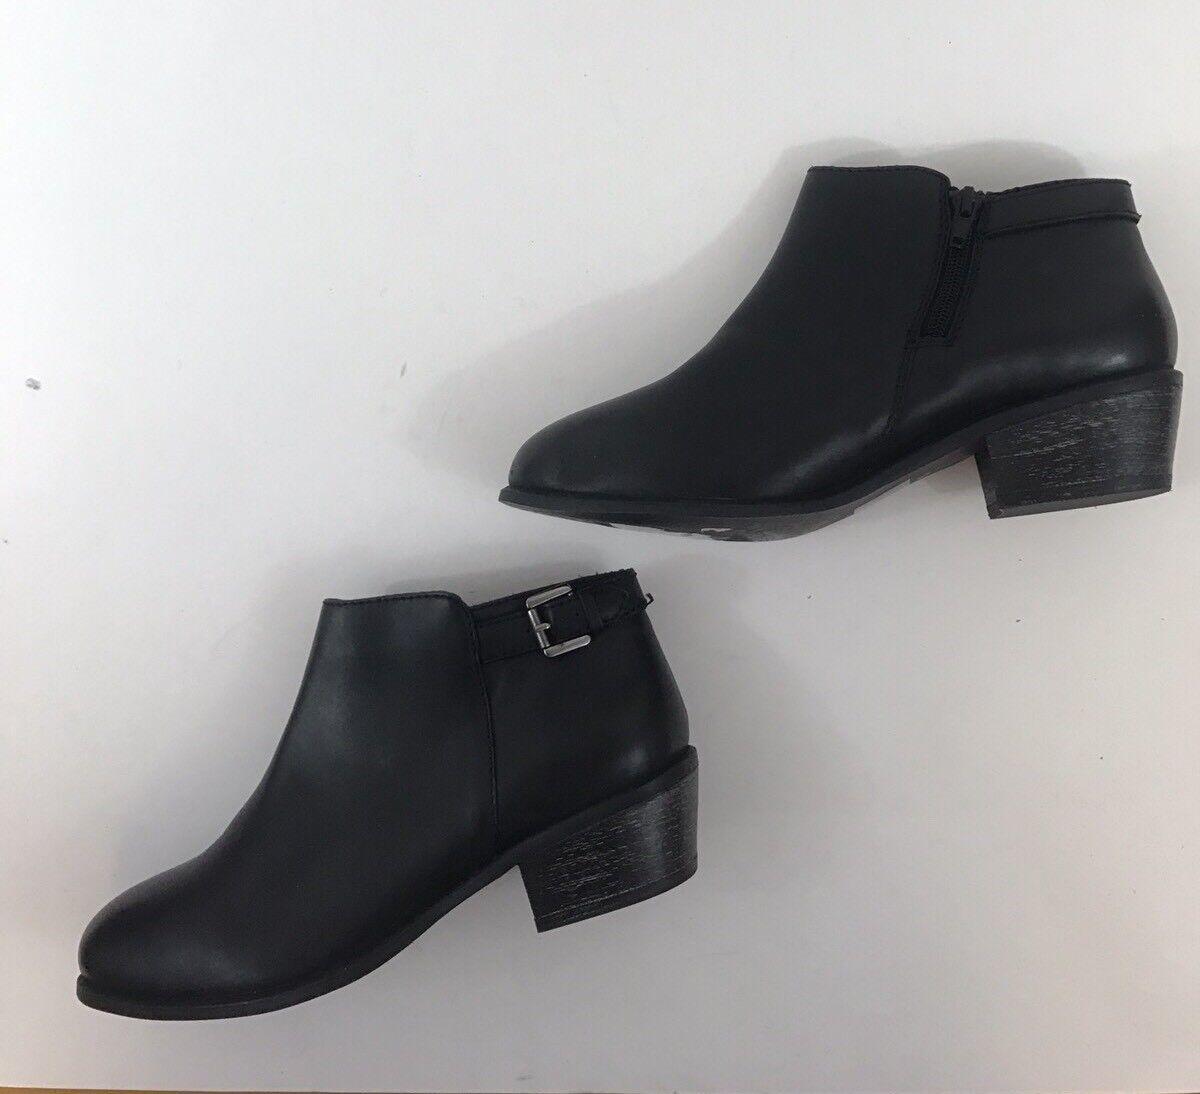 Nuevas botas para mujer Blondo Calais Baja Impermeable Negro Talla 8.5  12